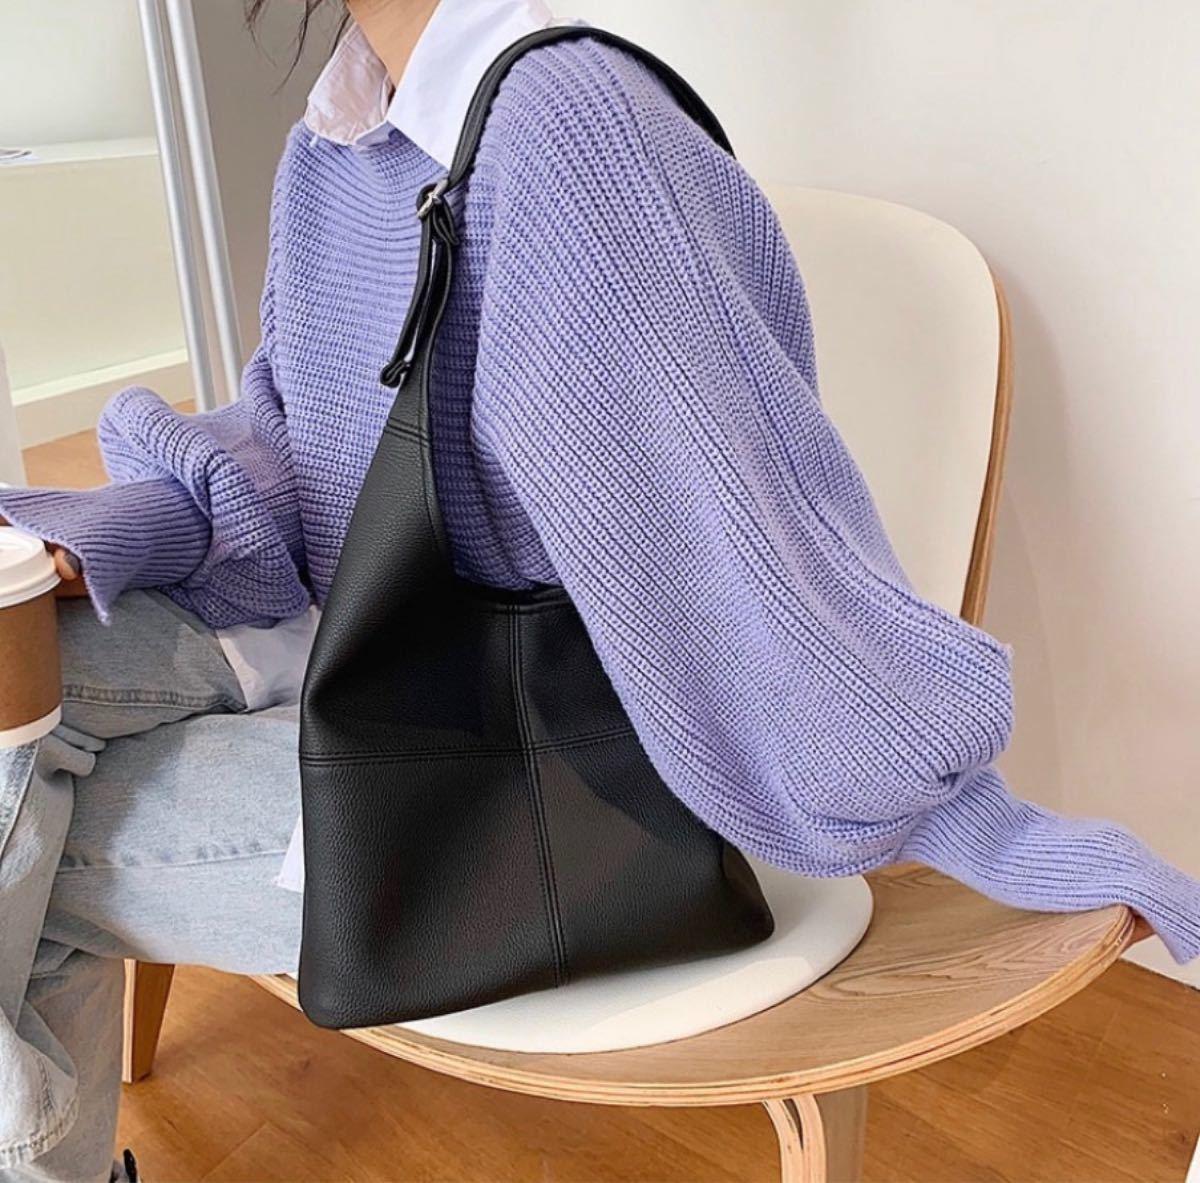 トートバッグ ハンドバッグ ビジネス カジュアル エコバッグ PUレザー エコレザー フェイクレザー ショルダーバッグ 鞄